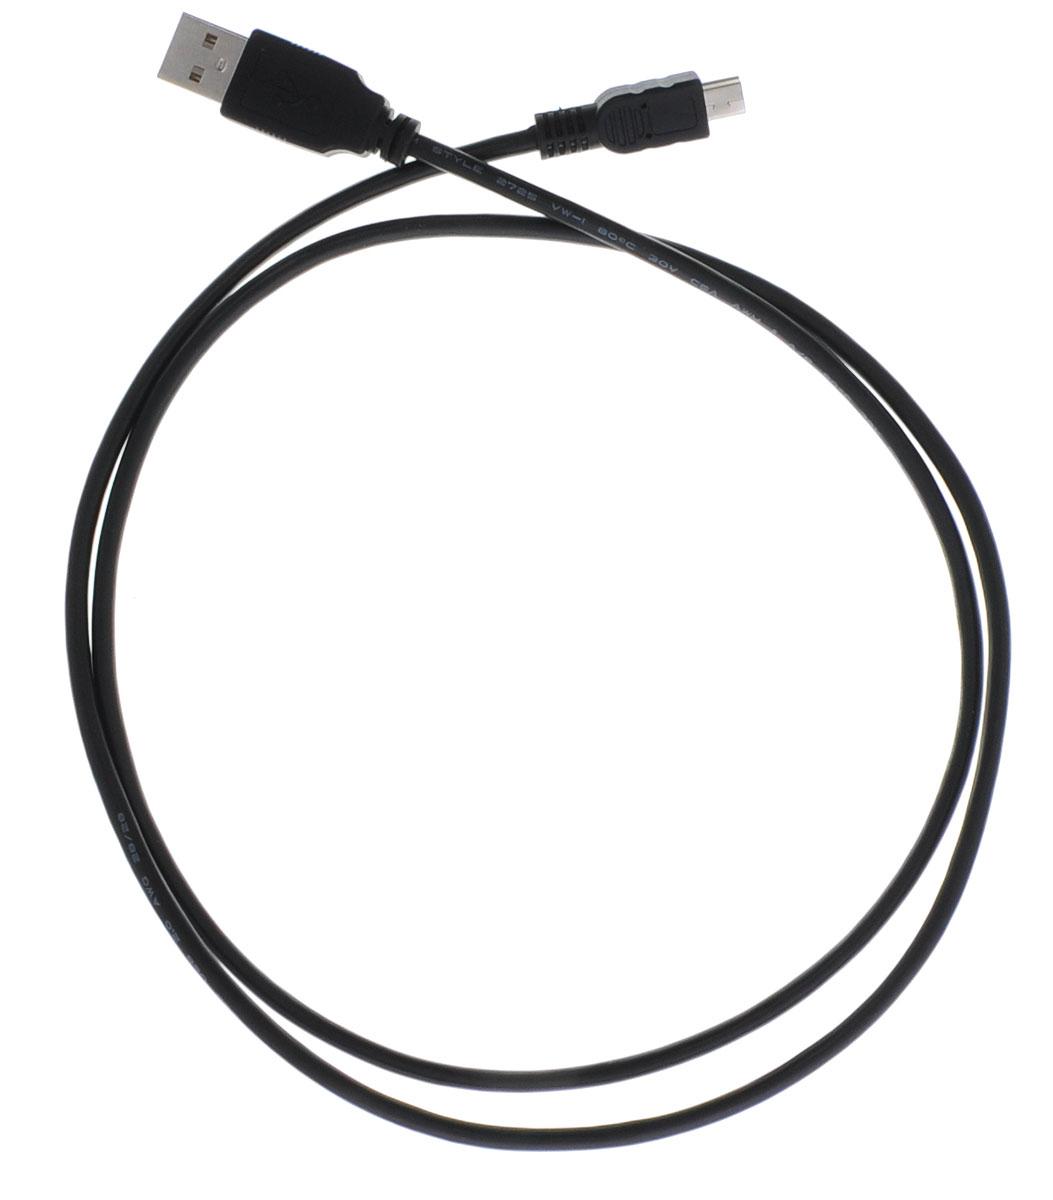 Greenconnect Premium GCR-UM2M5P-BB2S, Black кабель miniUSB-USB 1 мGCR-UM2M5P-BB2S-1.0mКабель Greenconnect Premium GCR-UM2M5P-BB2S позволяет подключать мобильные устройства, которые имеют разъем miniUSB к USB разъему компьютера. Подходит для повседневных задач, таких как синхронизация данных и передача файлов. Экранирование кабеля позволит защитить сигнал при передаче от влияния внешних полей, способных создать помехи.Пропускная способность интерфейса: USB 2.0 до 480 Мбит/сДиаметр проводника питания: 5V: 28 AWGДиаметр проводника передачи данных: 28 AWGТип оболочки: PVC (ПВХ)